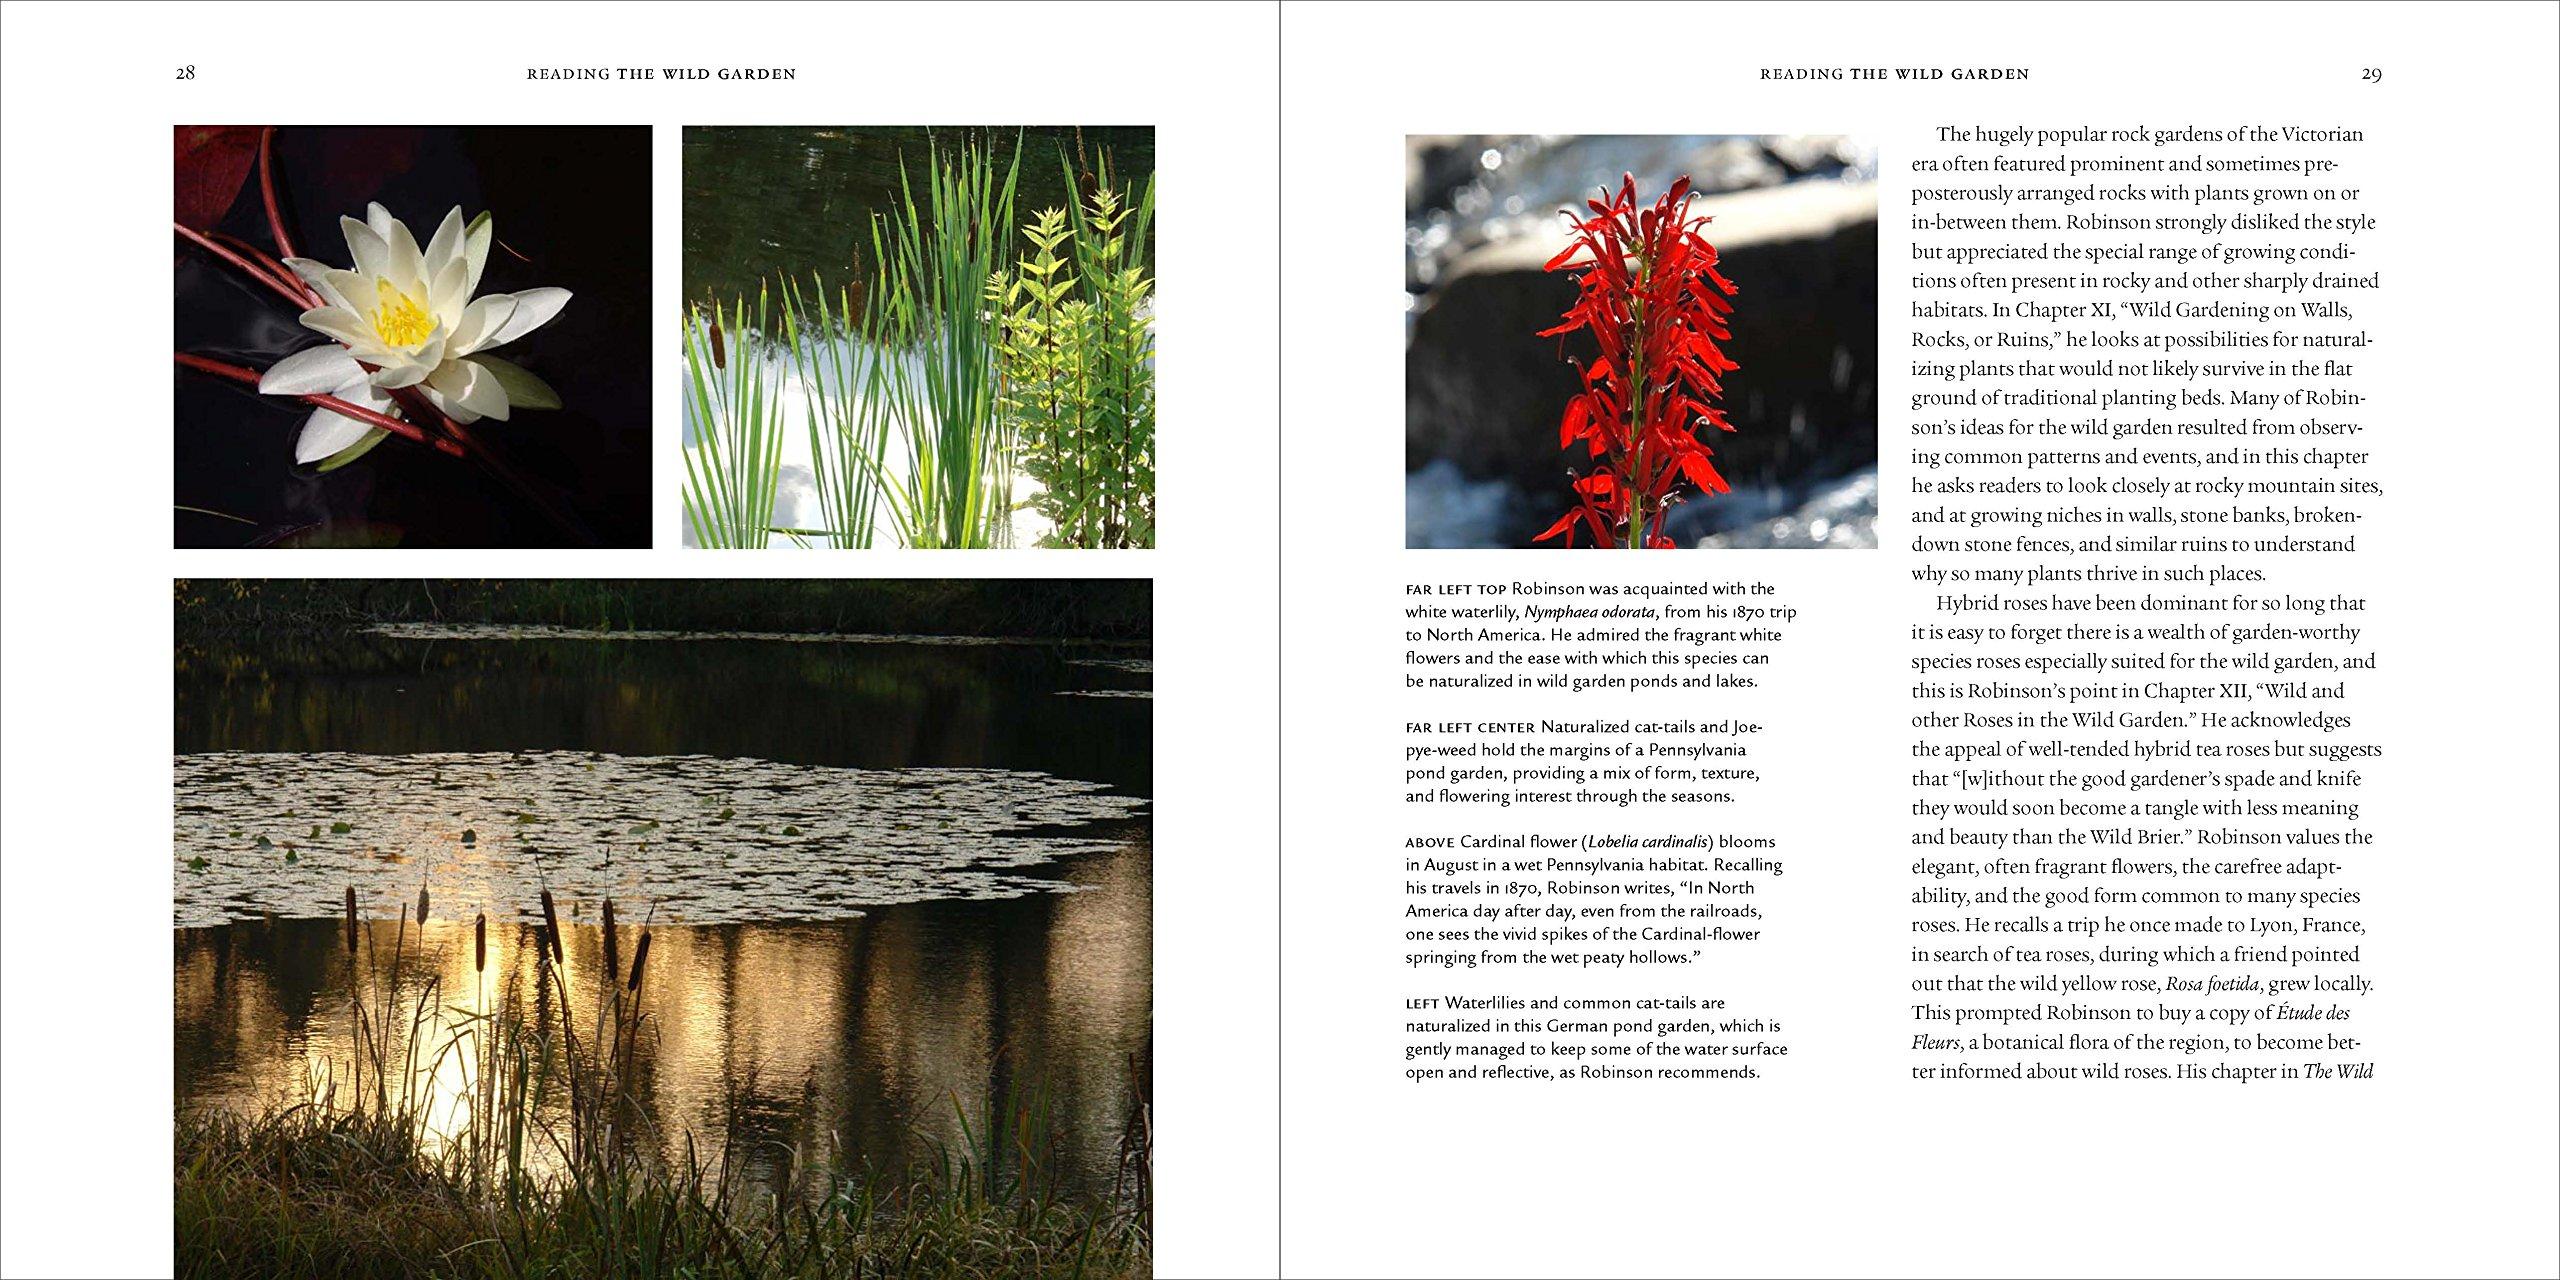 The Wild Garden Expanded Edition William Robinson Rick Darke